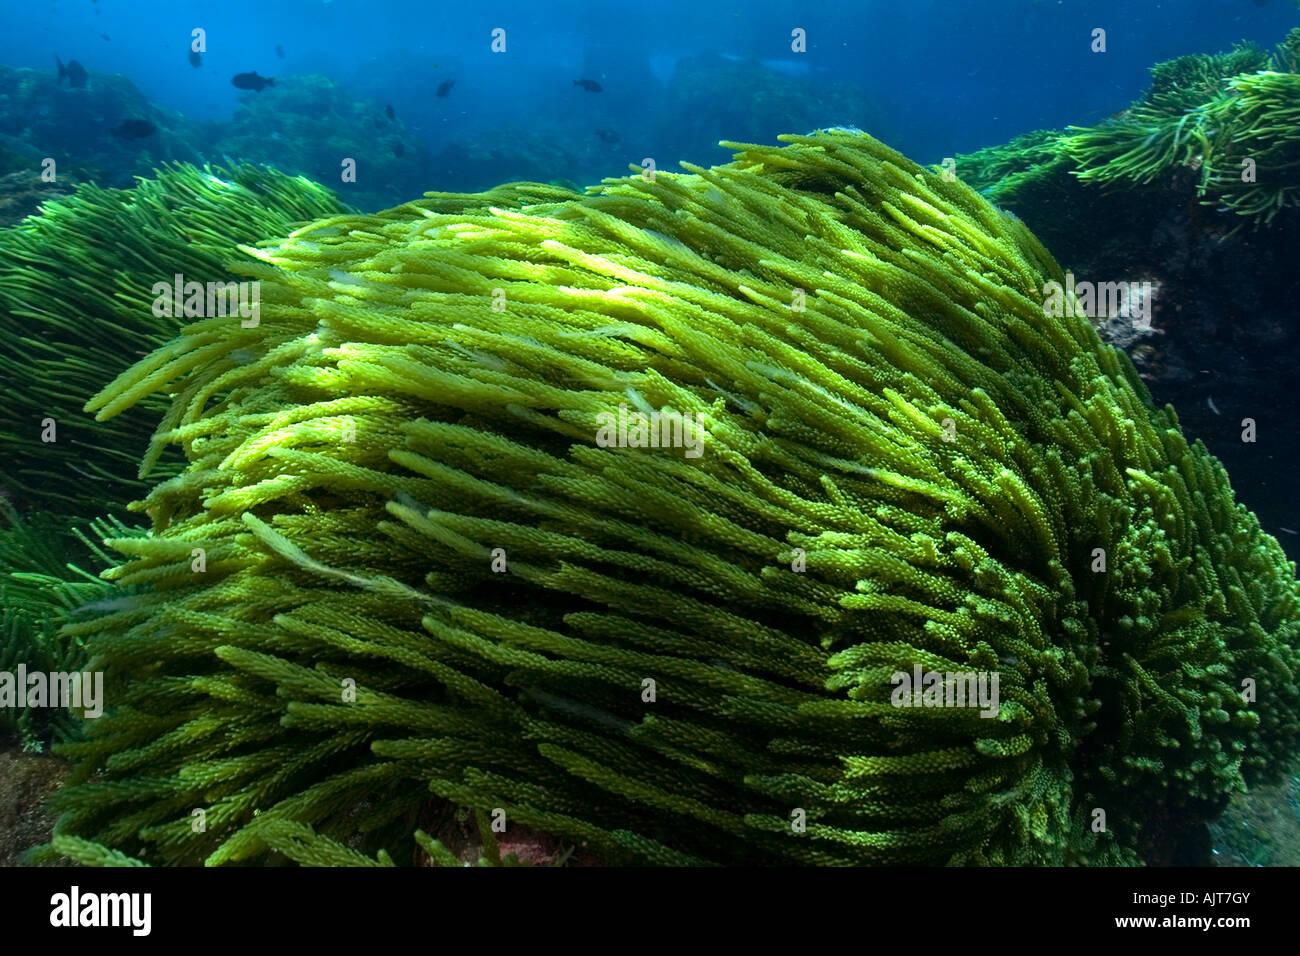 El alga verde Caulerpa racemosa San Pedro y san Pablo, Brasil rocas Océano Atlántico Imagen De Stock